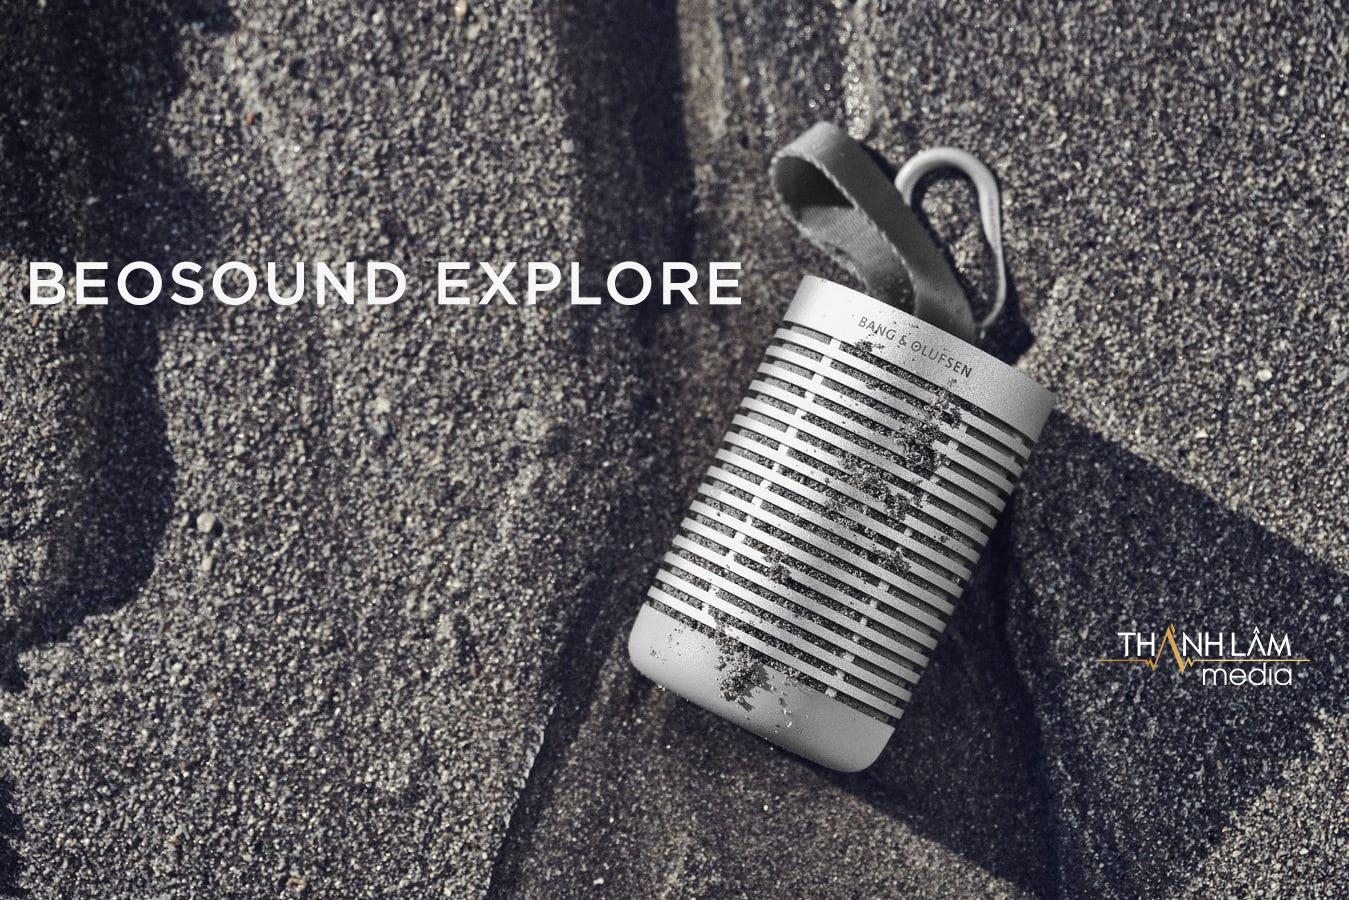 Bang & Olufsen Beosound Explore - Người đồng hành trong những chuyến phiêu lưu 26